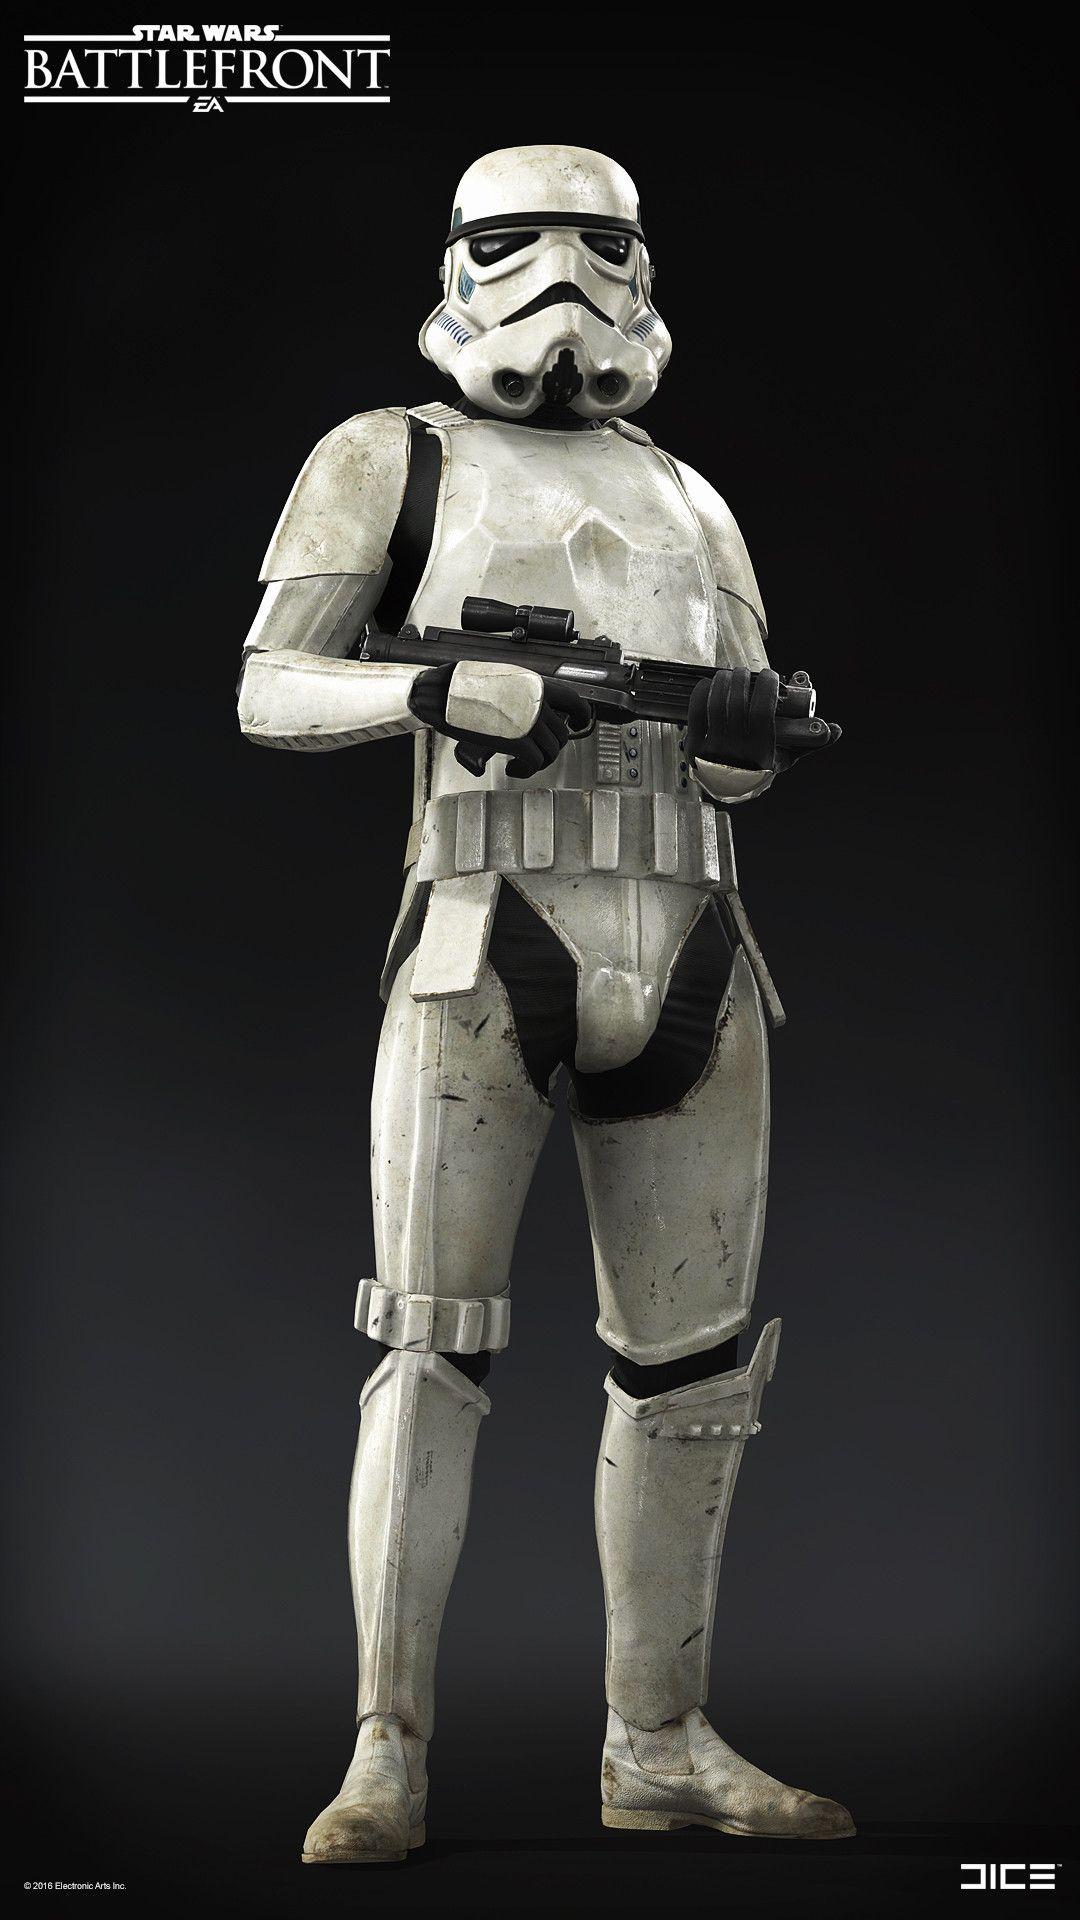 Bjrn Arvidsson Star Wars Battlefront Stormtrooper